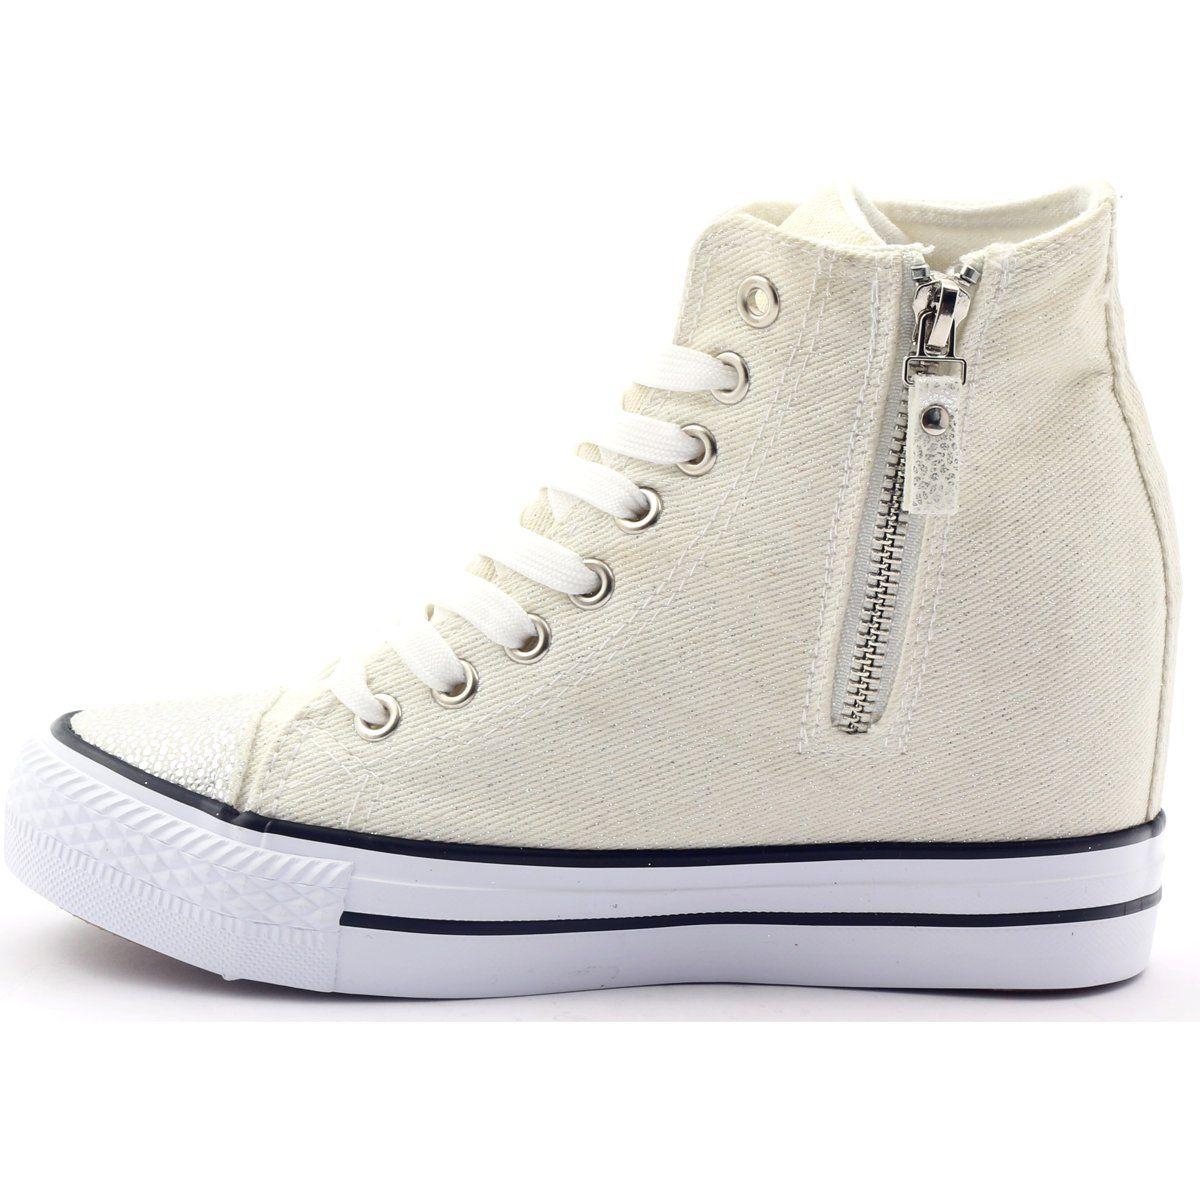 Mcarthur Trampki Sneakersy Biale Sneakers White Sneakers Womens Sneakers